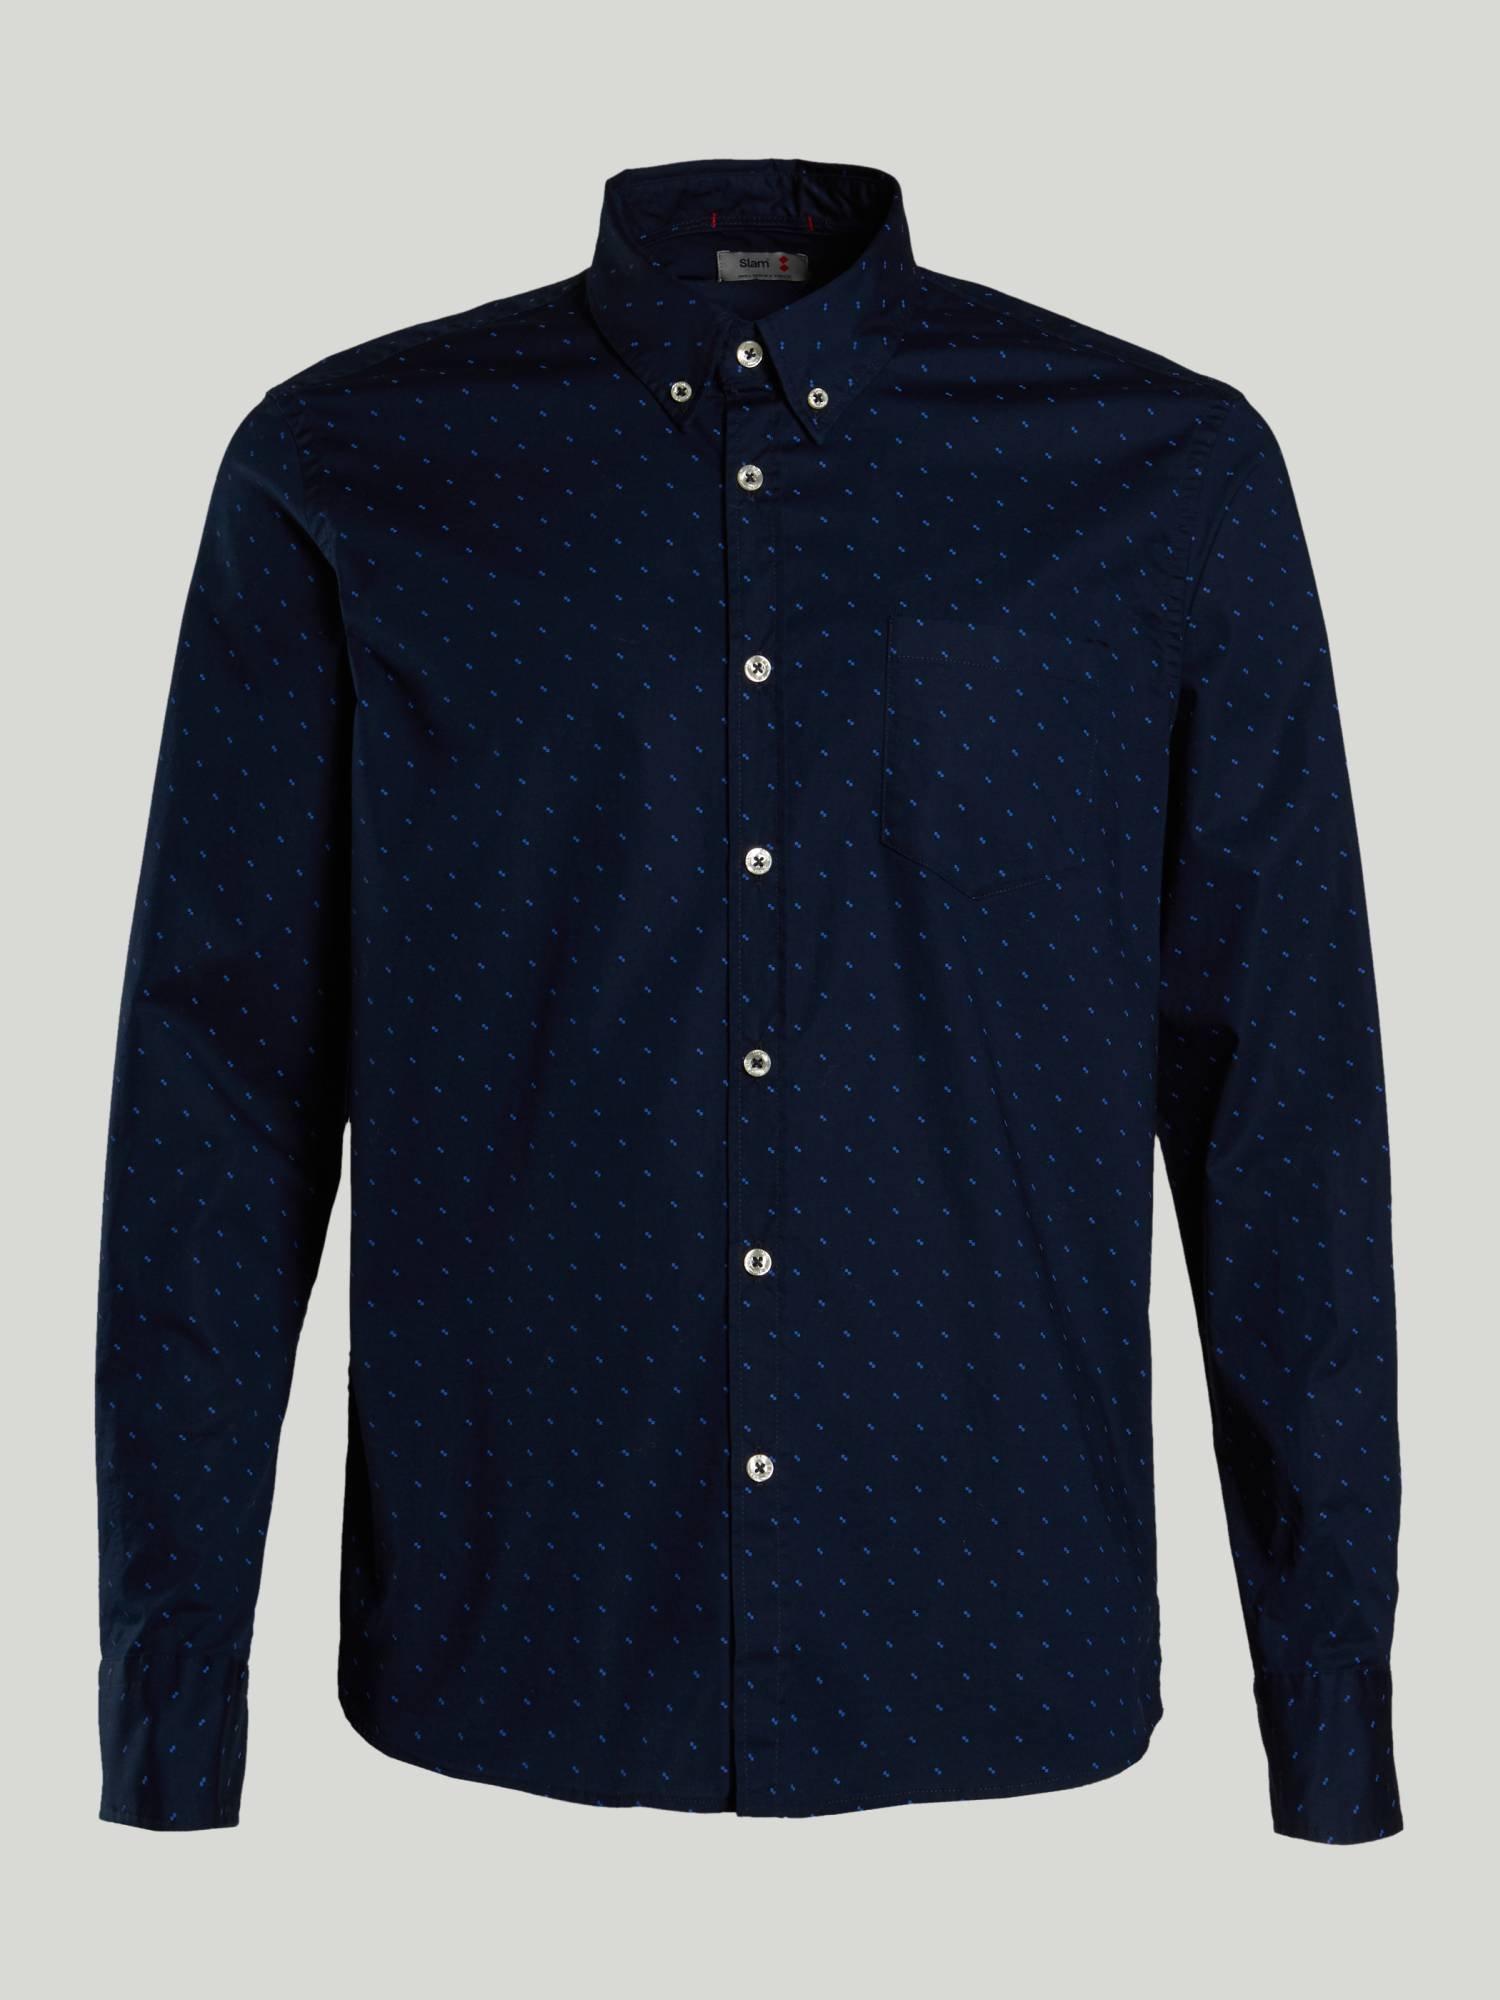 Shirt A148 - Navy